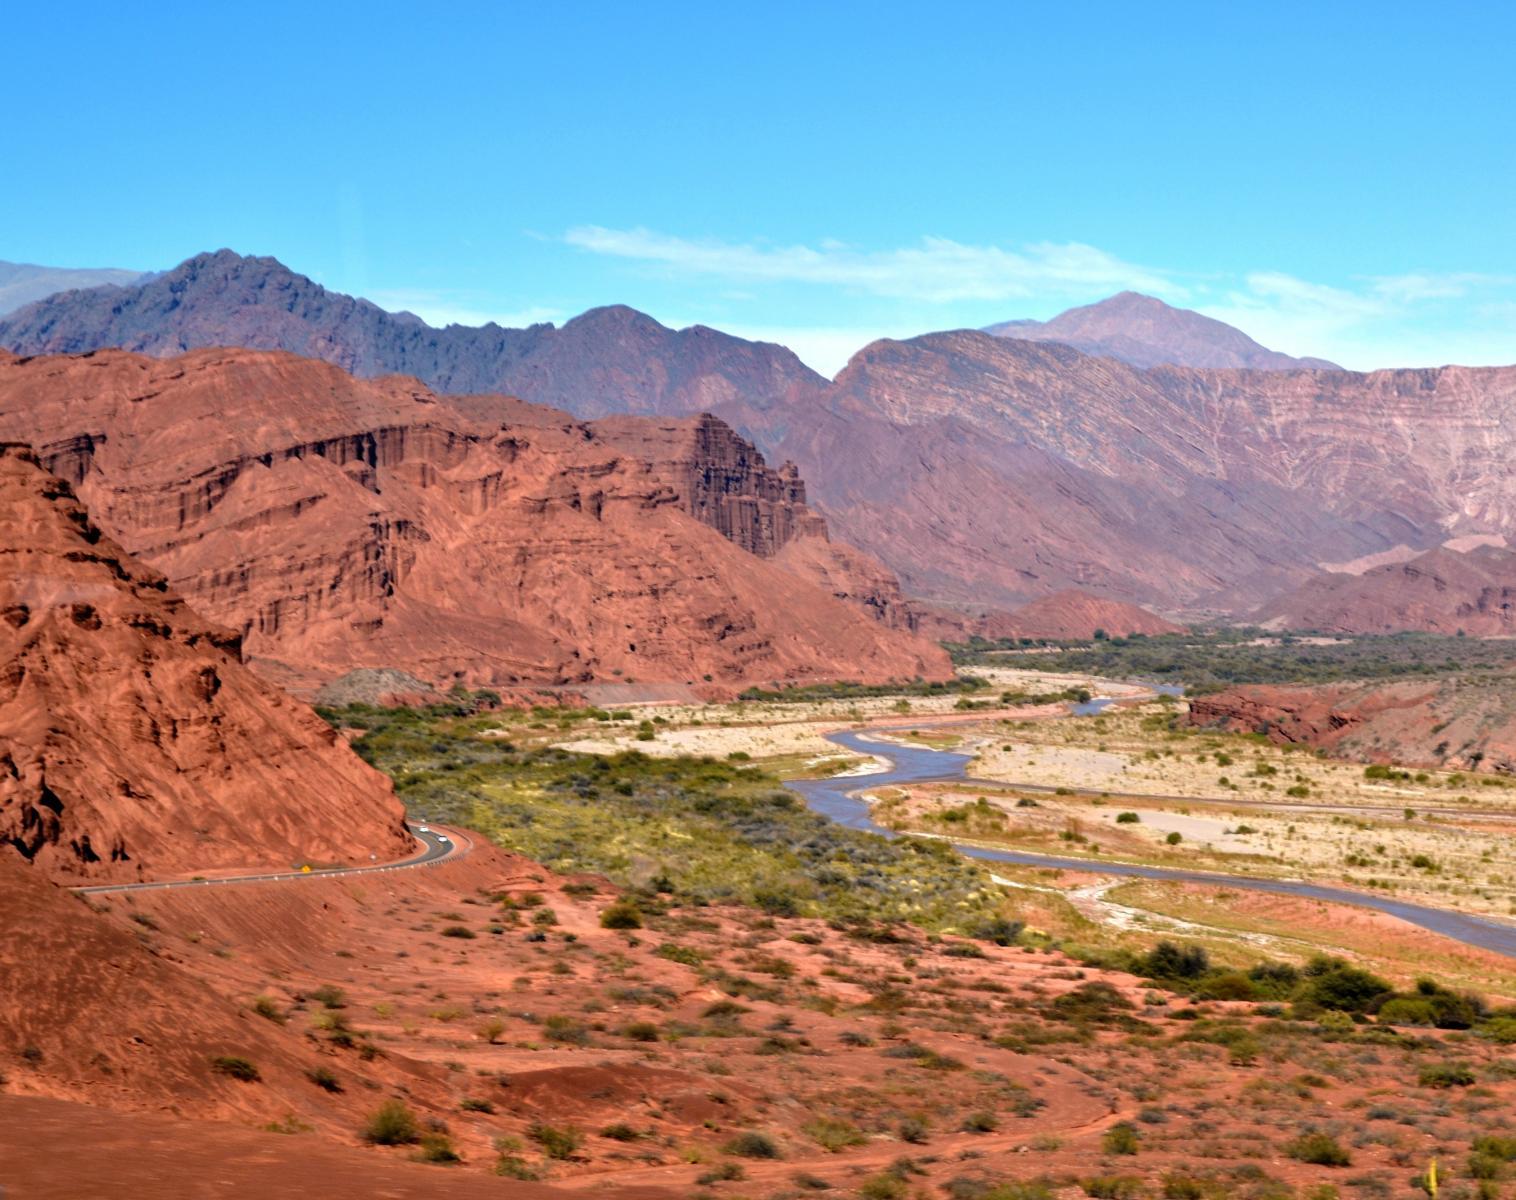 Argentine  L'Odyssée Andine Etape 5 : Ruta 40, secrets de l'Altiplano à Valparaiso    Trek & Randonnée Observation nature Rencontres et cultures du Monde